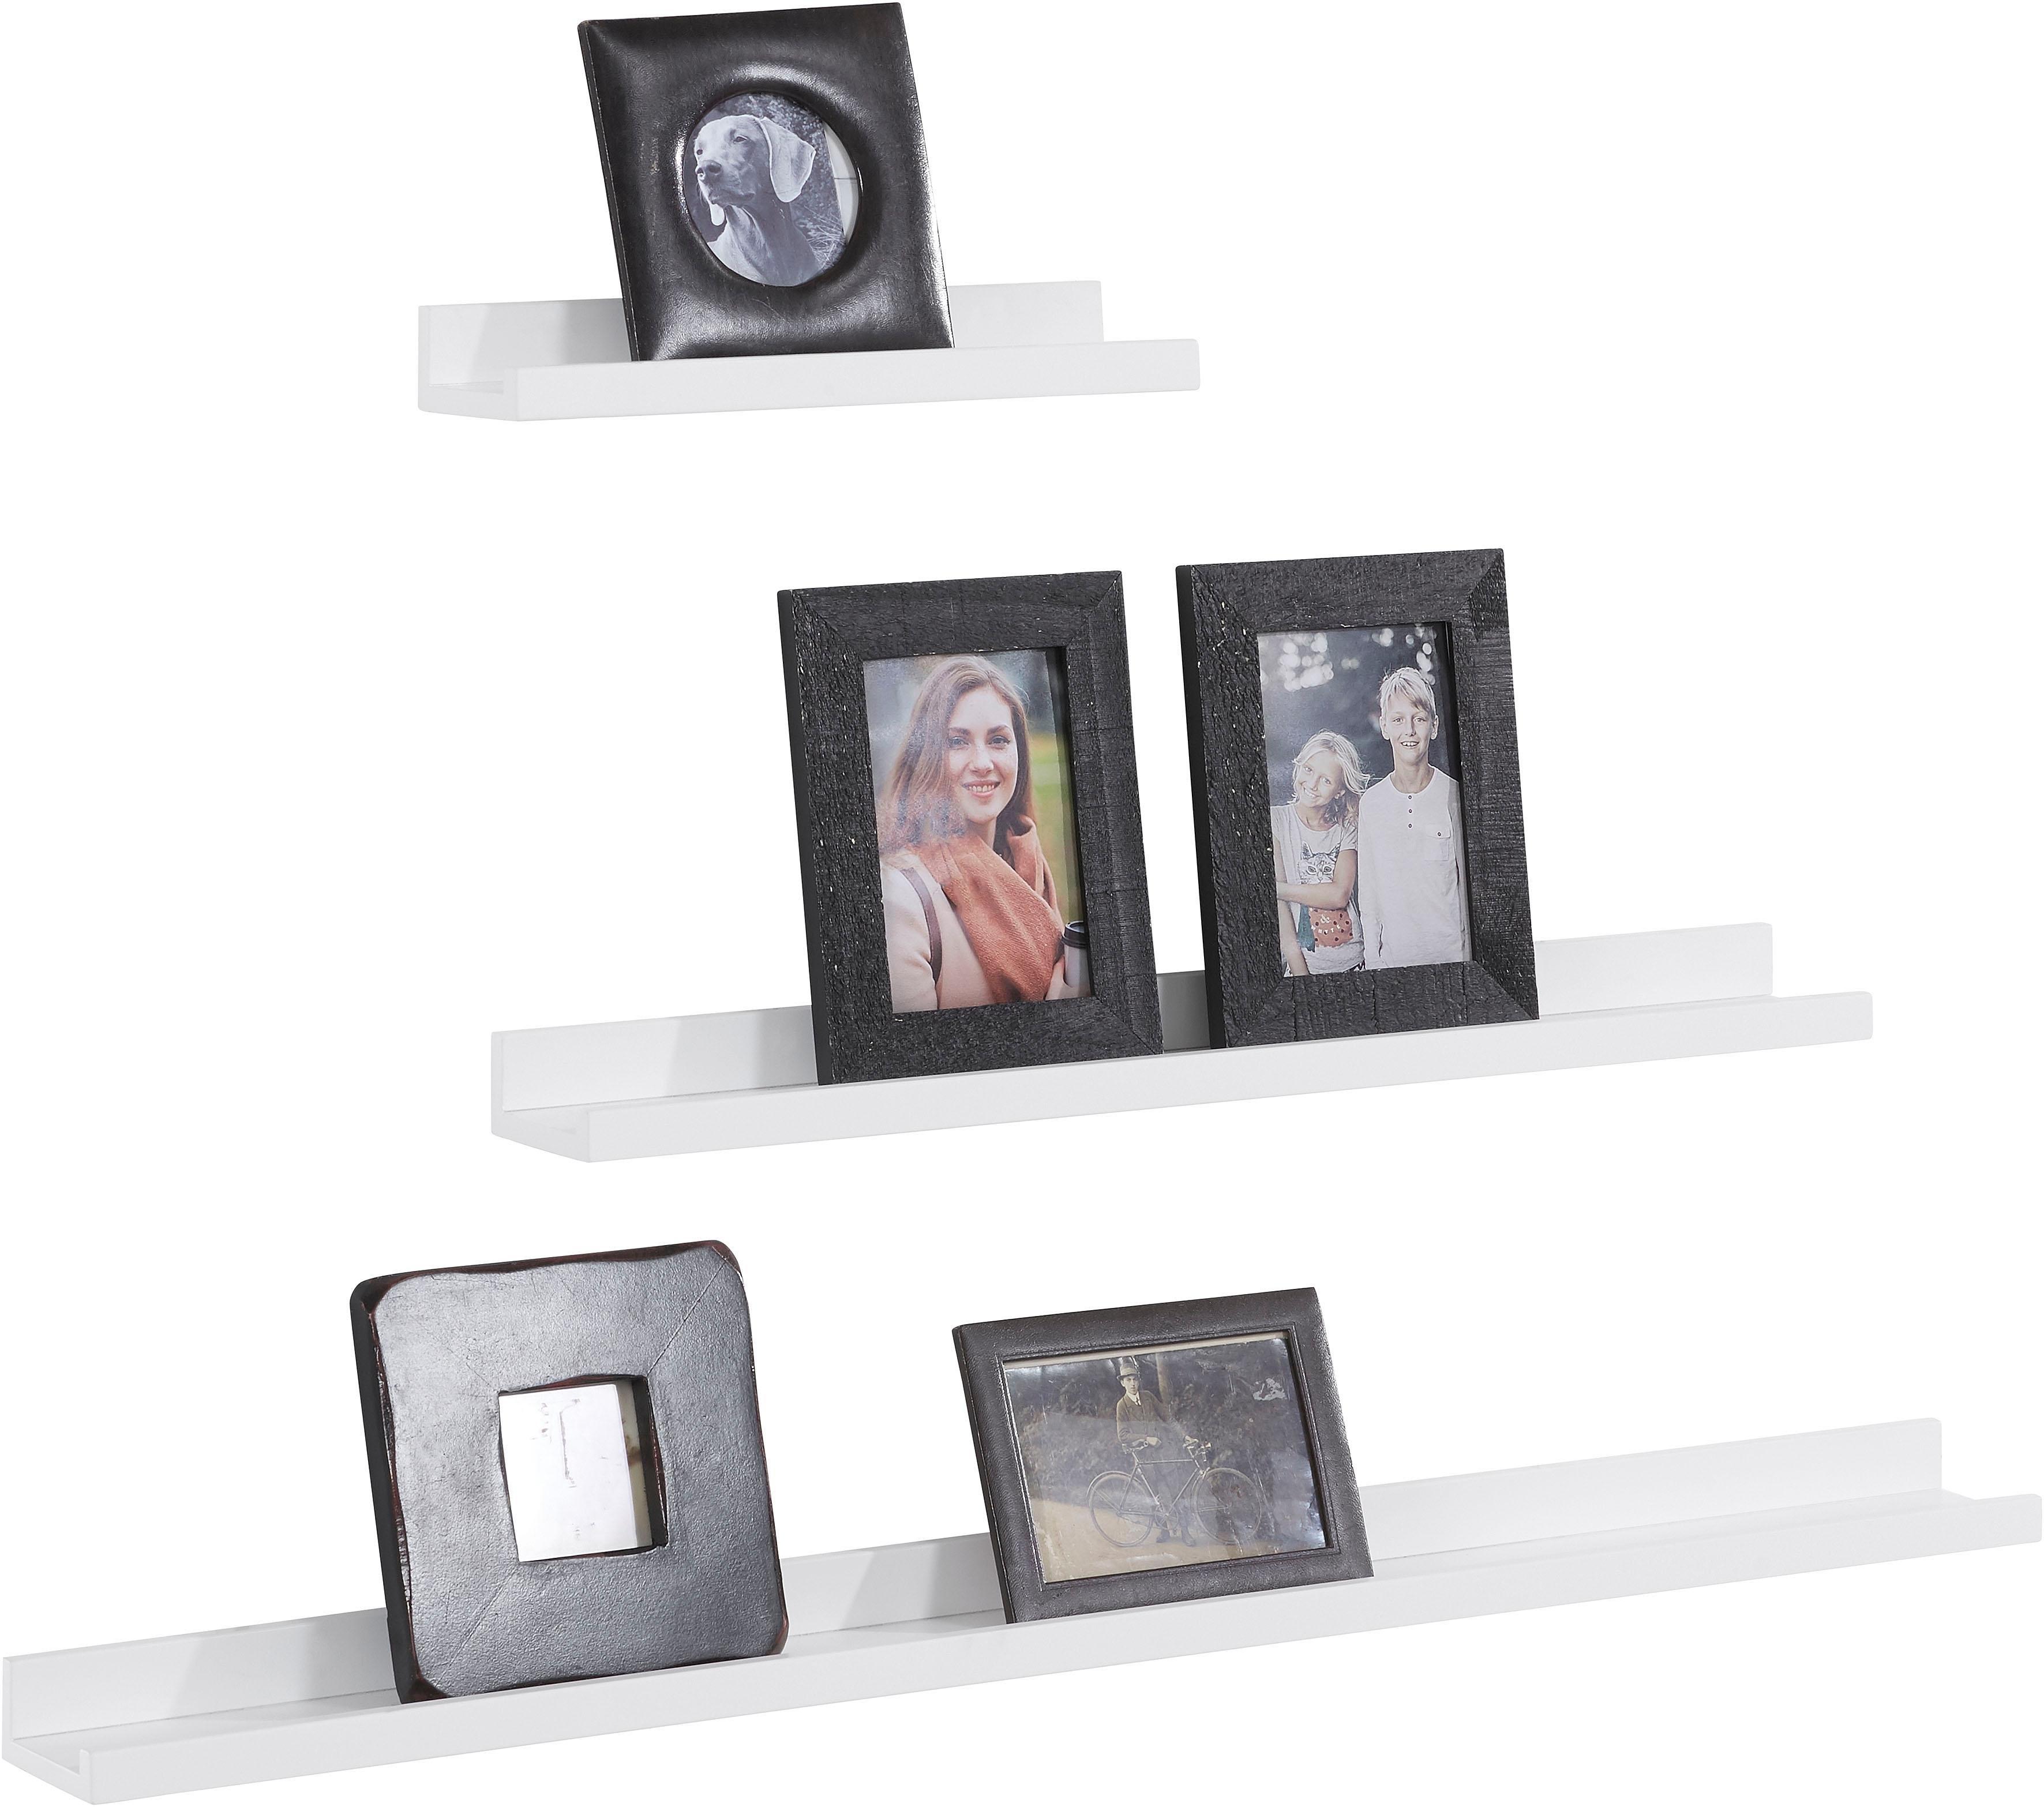 Home Affaire fotoplank »Pics« in set van 3 goedkoop op otto.nl kopen